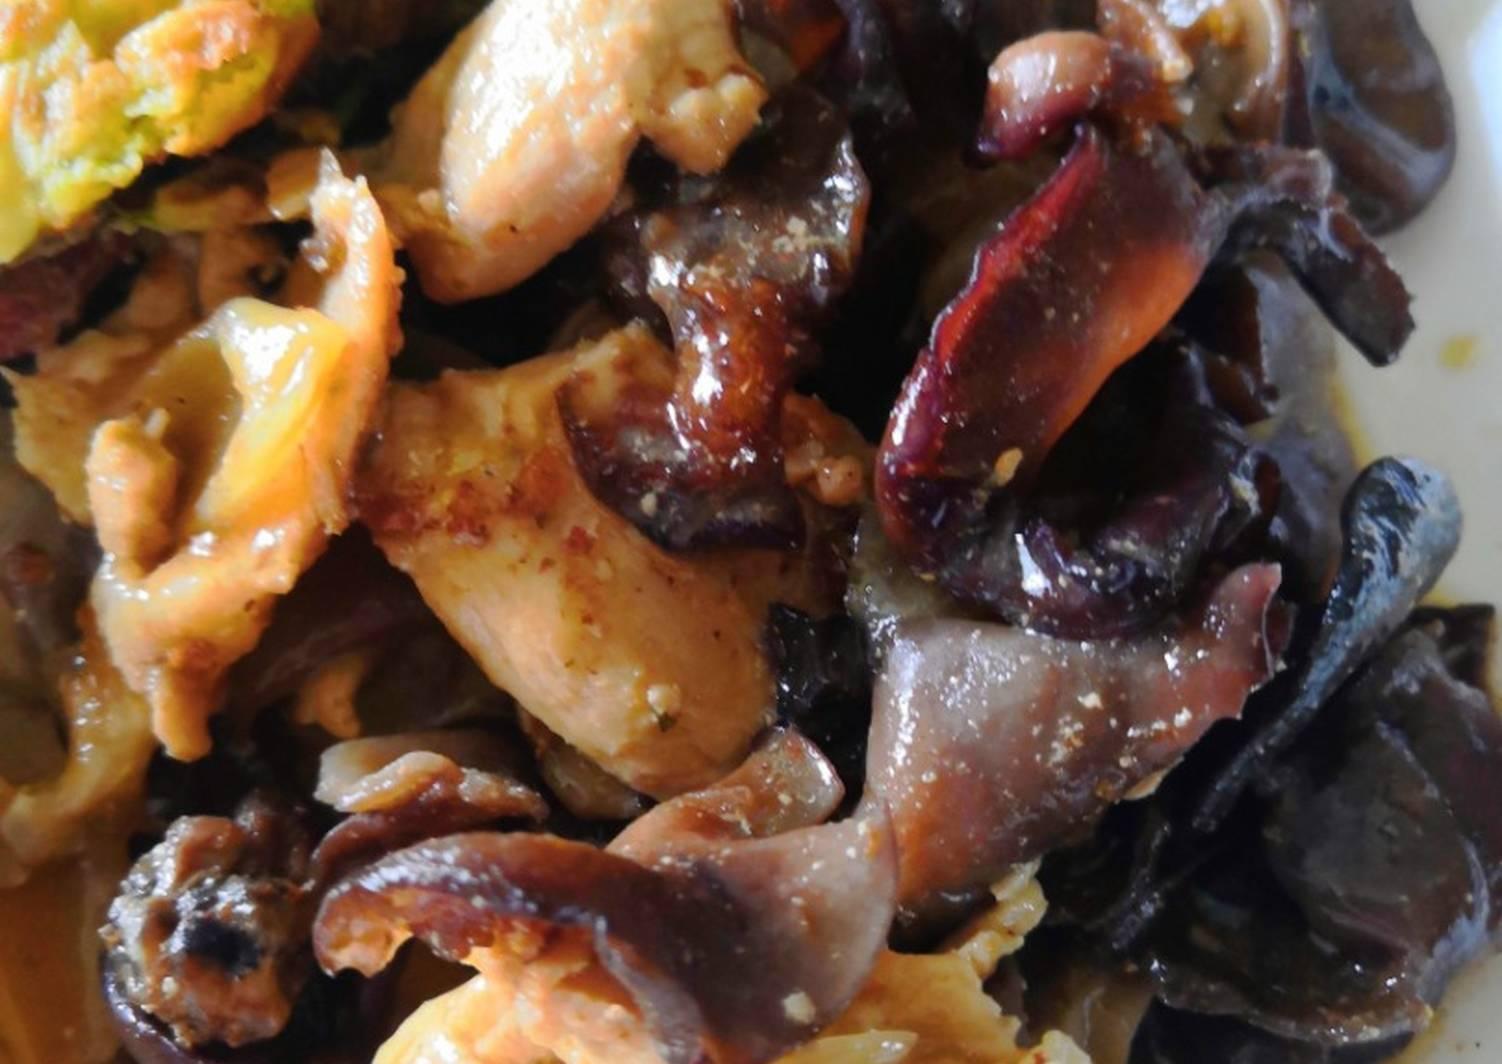 симптомы проявления, древесные грибы рецепты с фото потянет